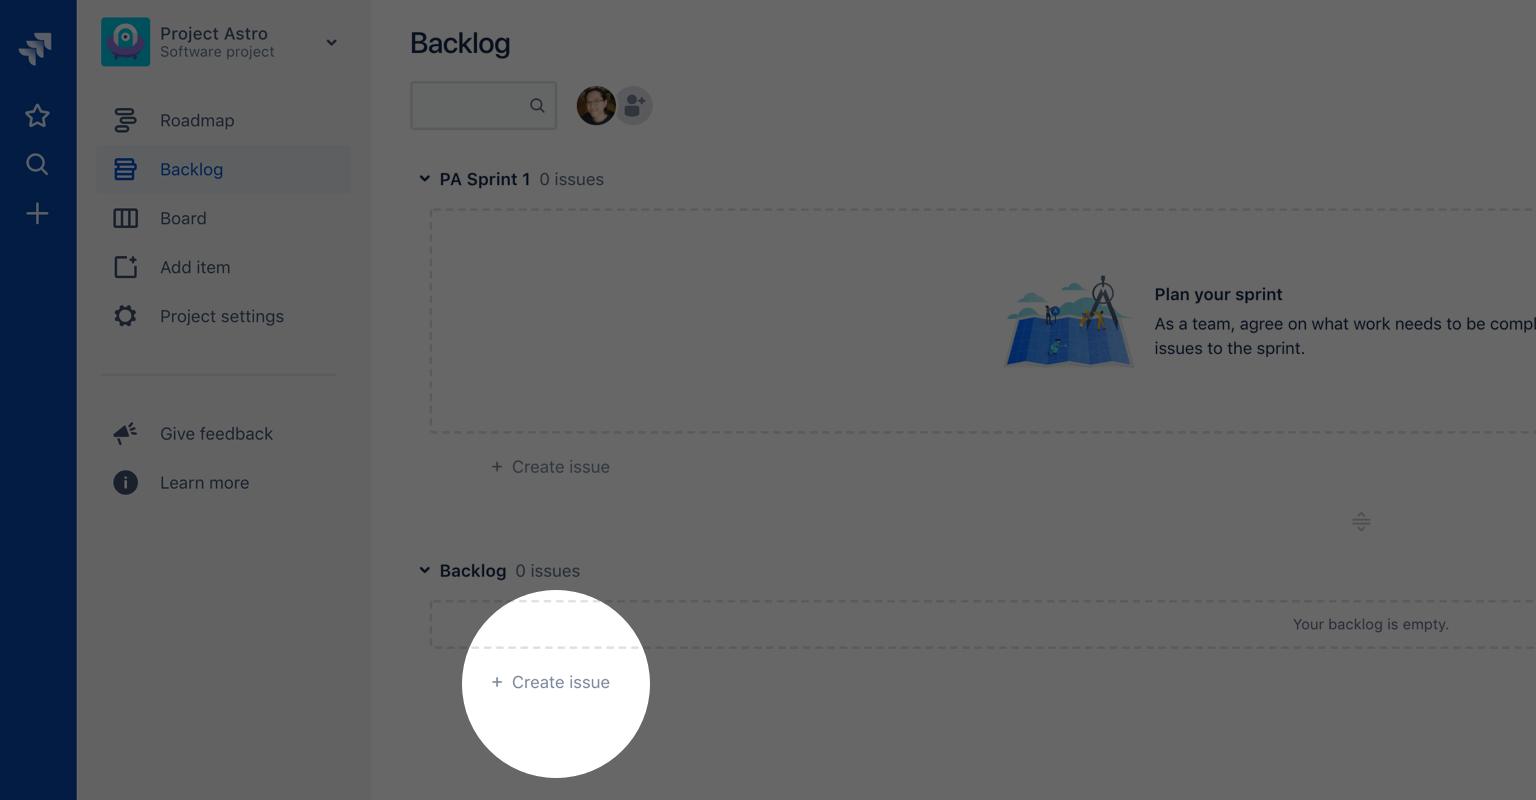 Az ügy létrehozása gombot mutató képernyőkép